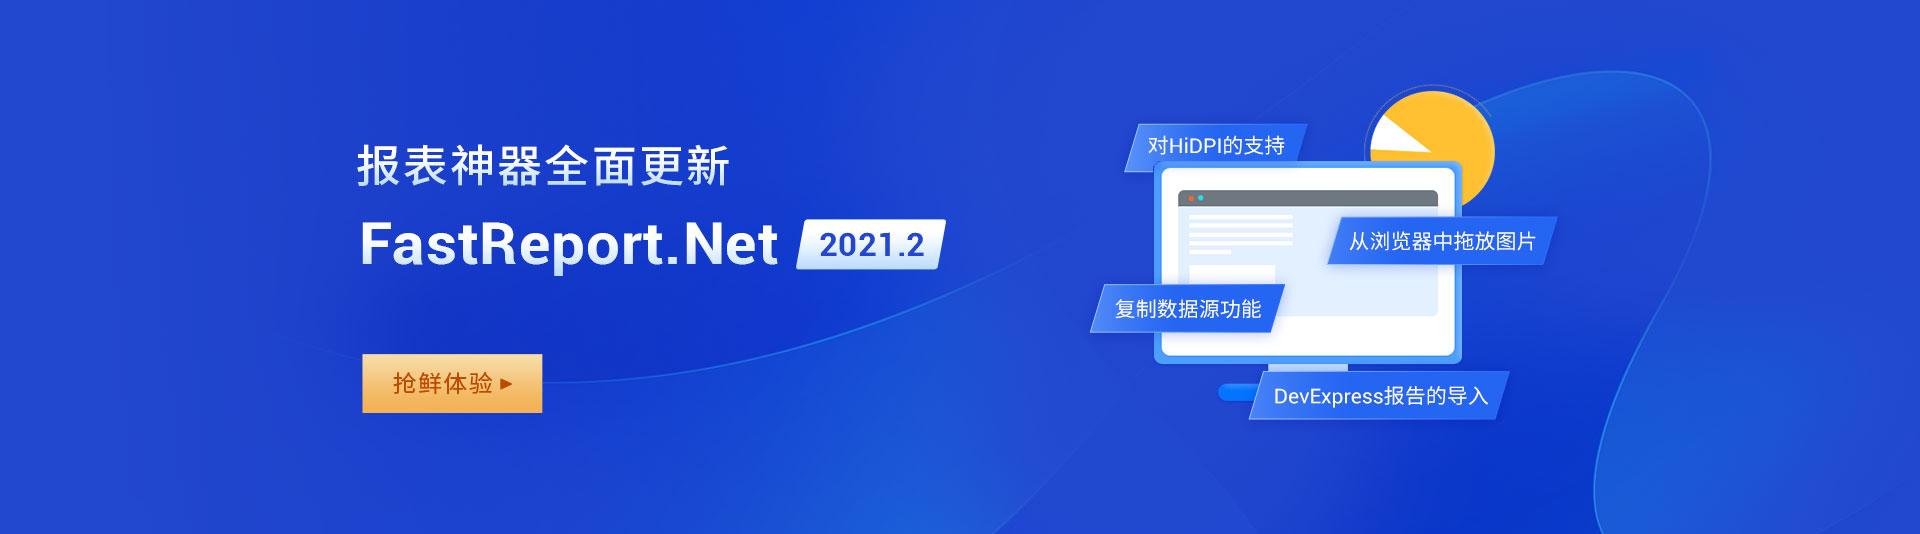 FastReport .net v2021.2更新